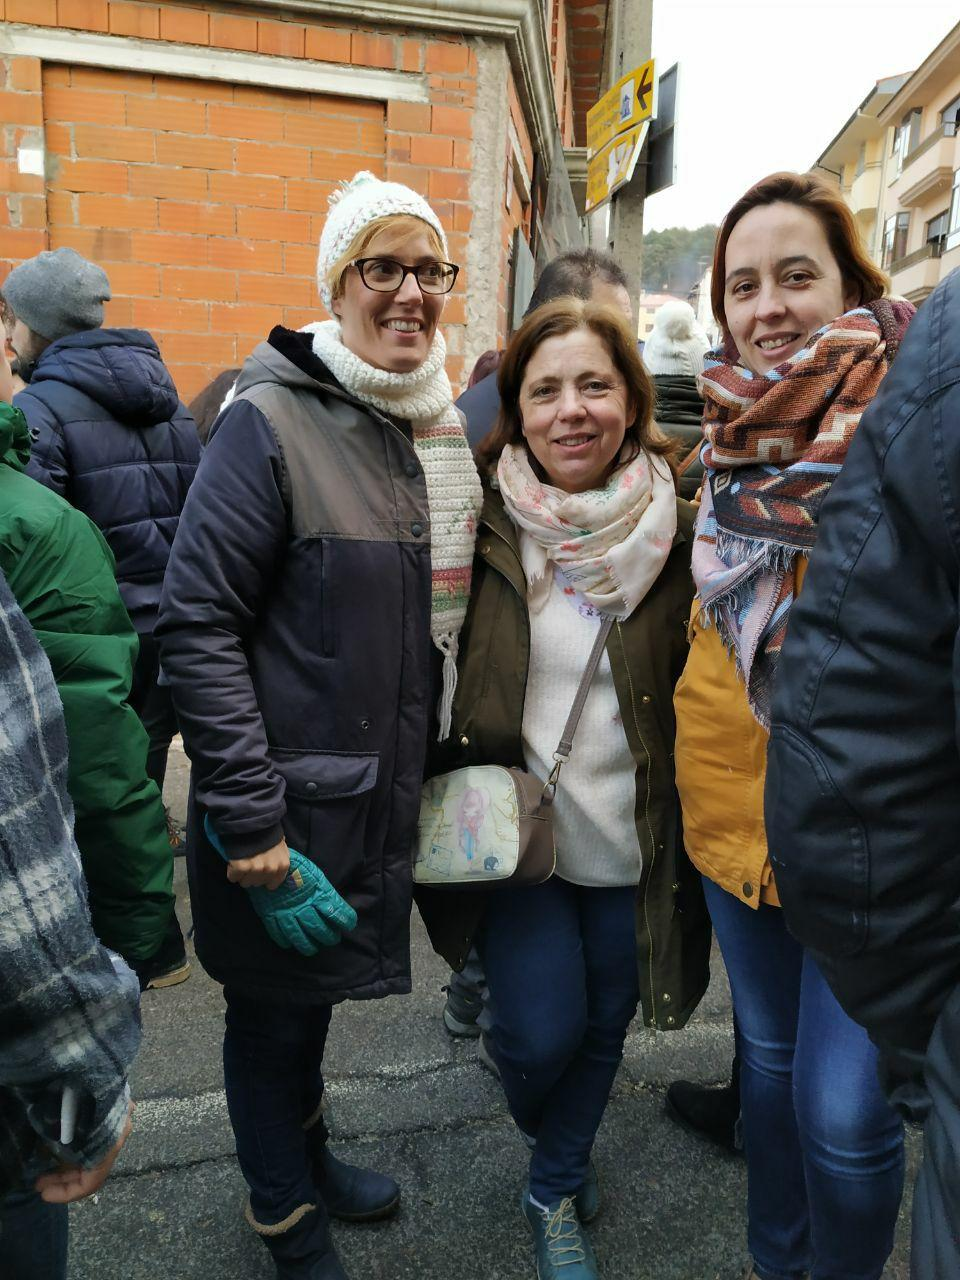 La diputada de Unidas por Extremadura, Lorena Rodríguez. la concejala de Unidas por Piornal, María Jesús Candeleda, y nuestra coportavoz Chusa Barrantes